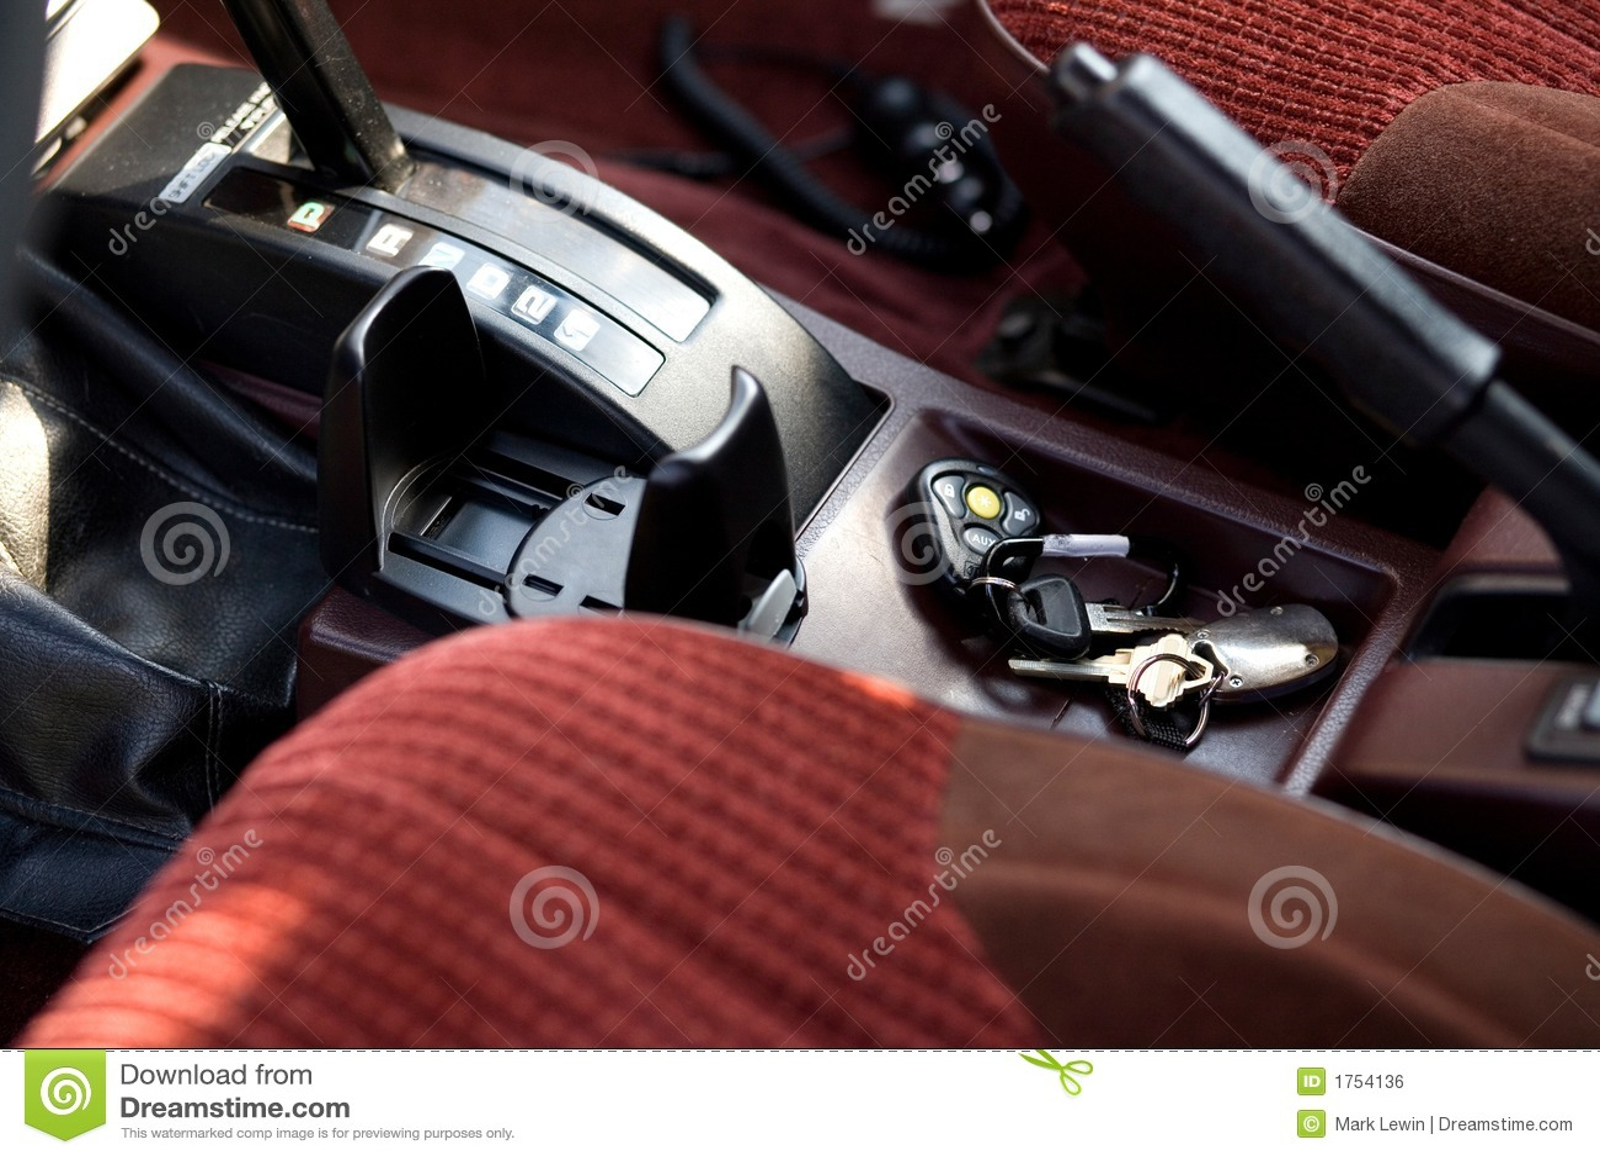 汽车被忘记的内部关键字